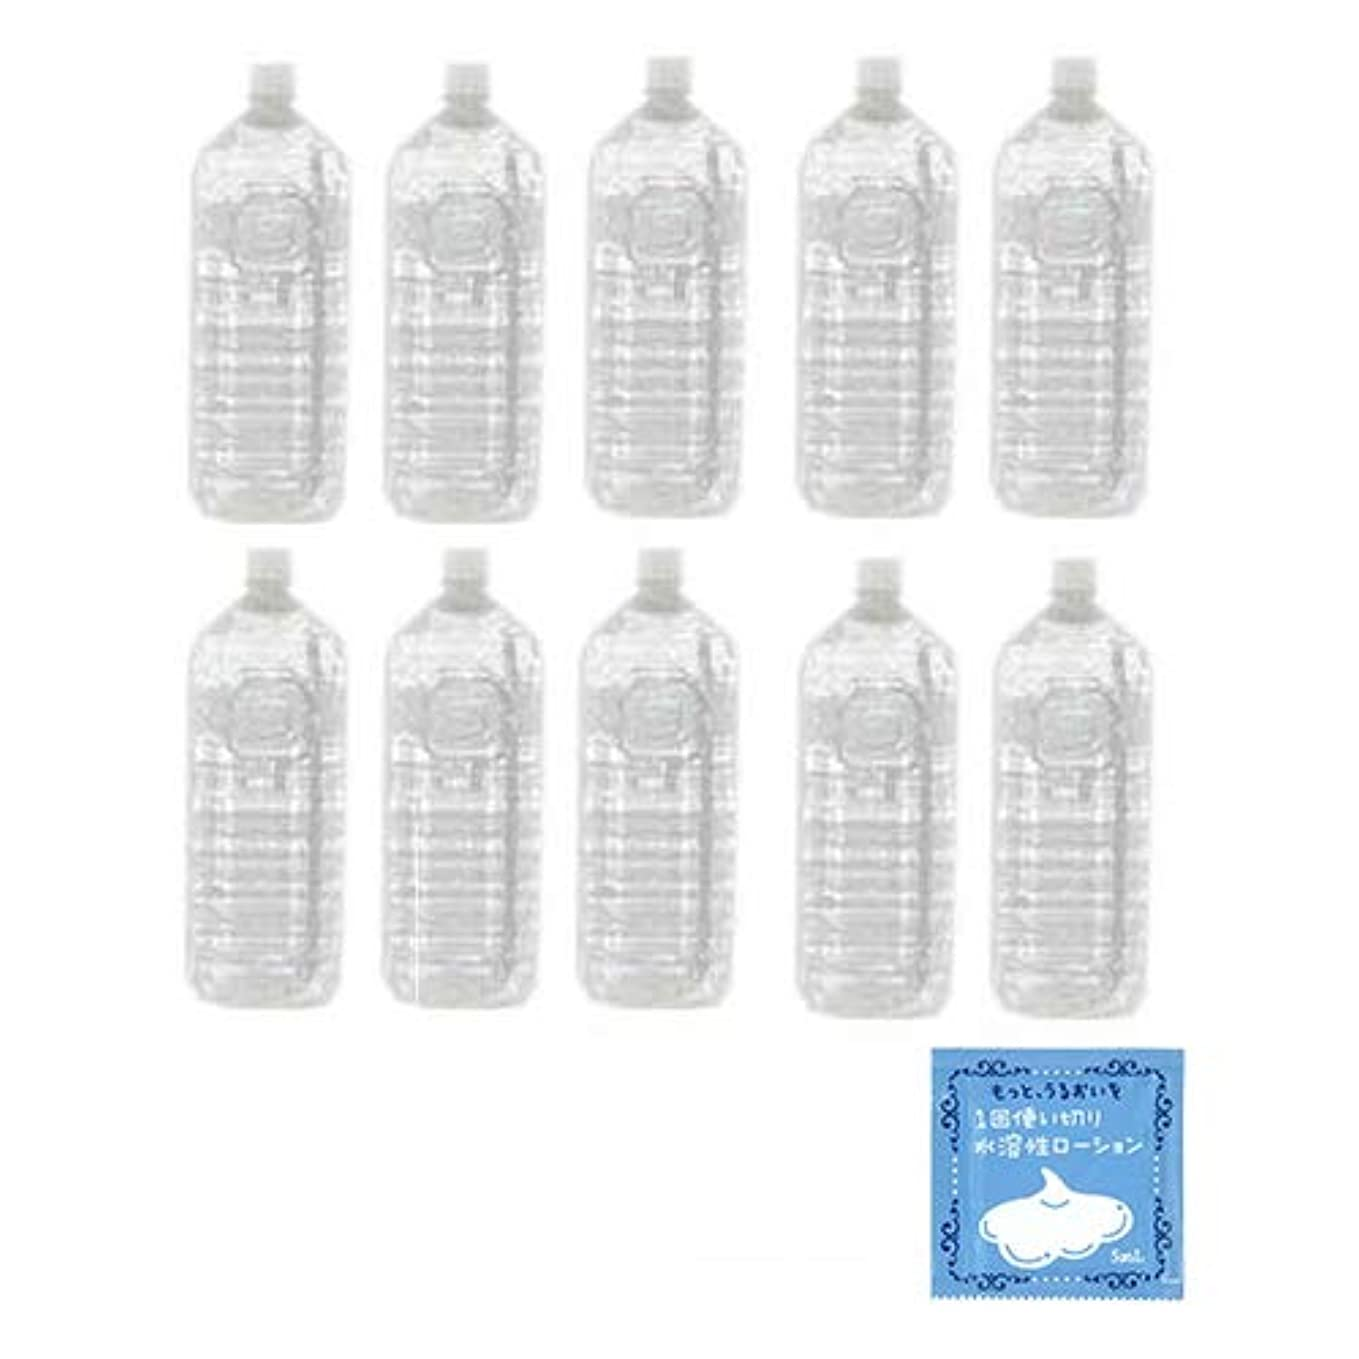 比類のない定規上級クリアローション 2Lペットボトル ハードタイプ(5倍濃縮原液) × 10本セット+ 1回使い切り水溶性潤滑ローション